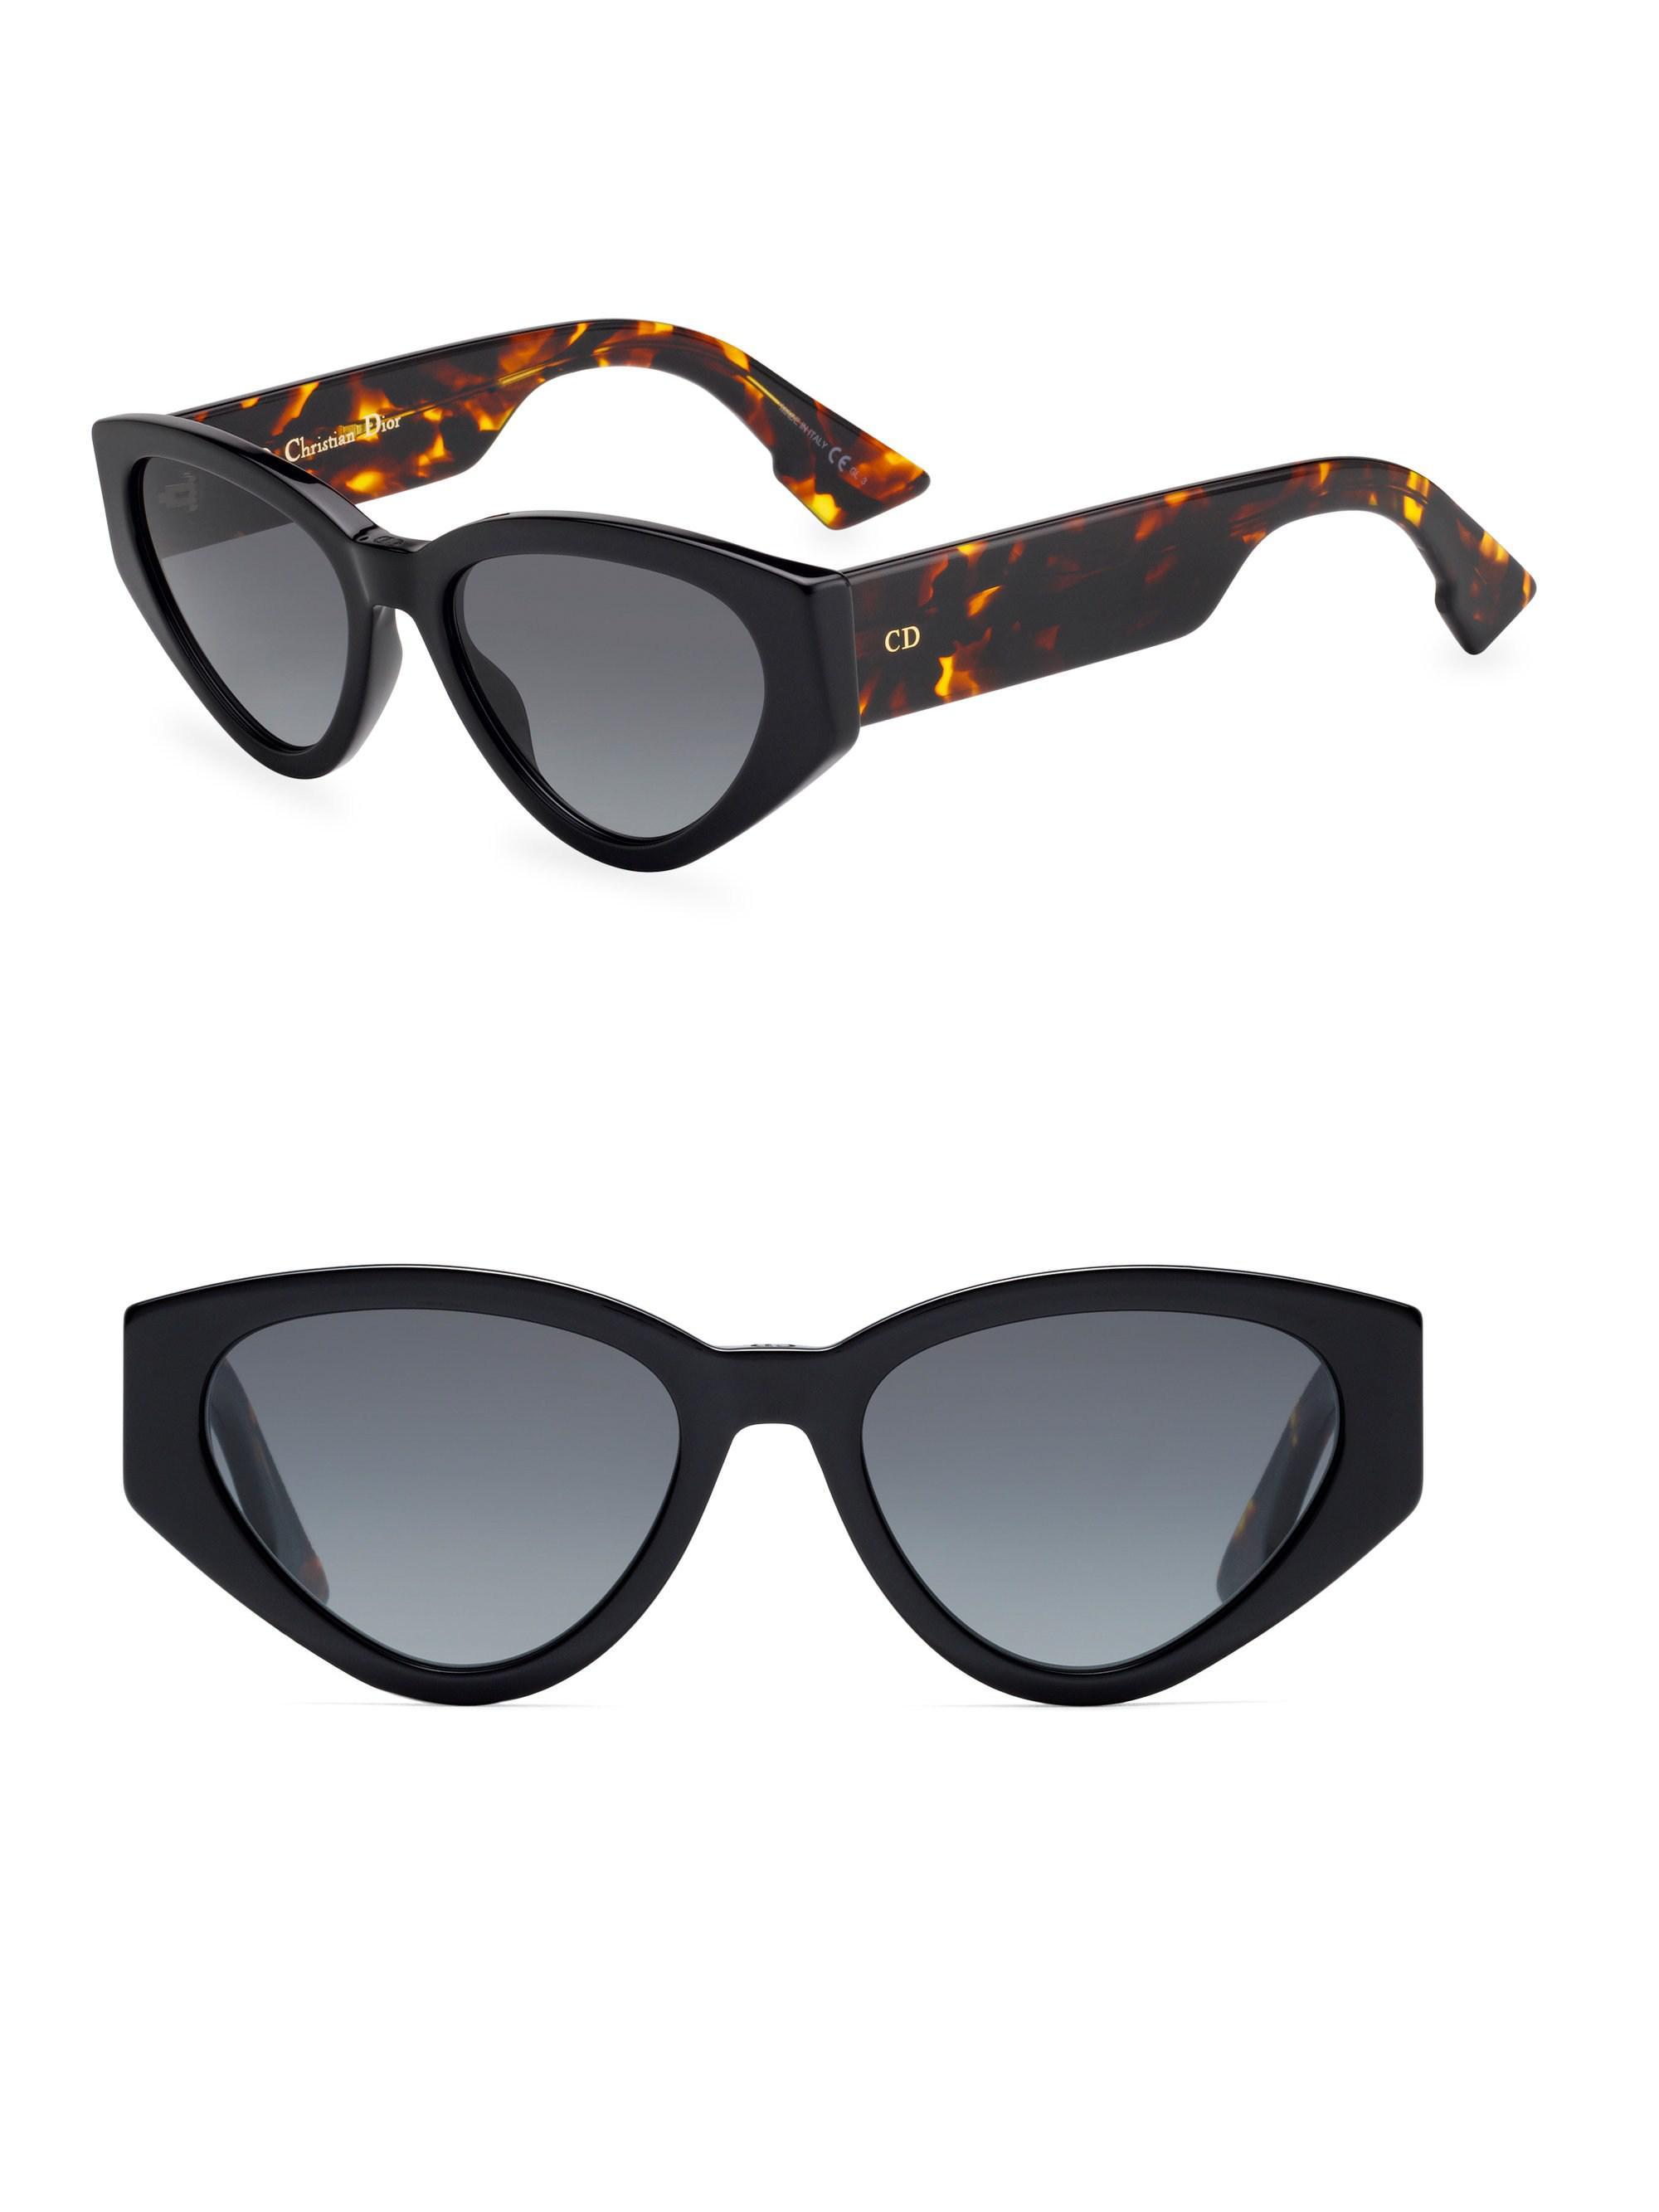 74e364f6490 Dior Spirit2 Retro Oval 52mm Sunglasses in Black - Lyst